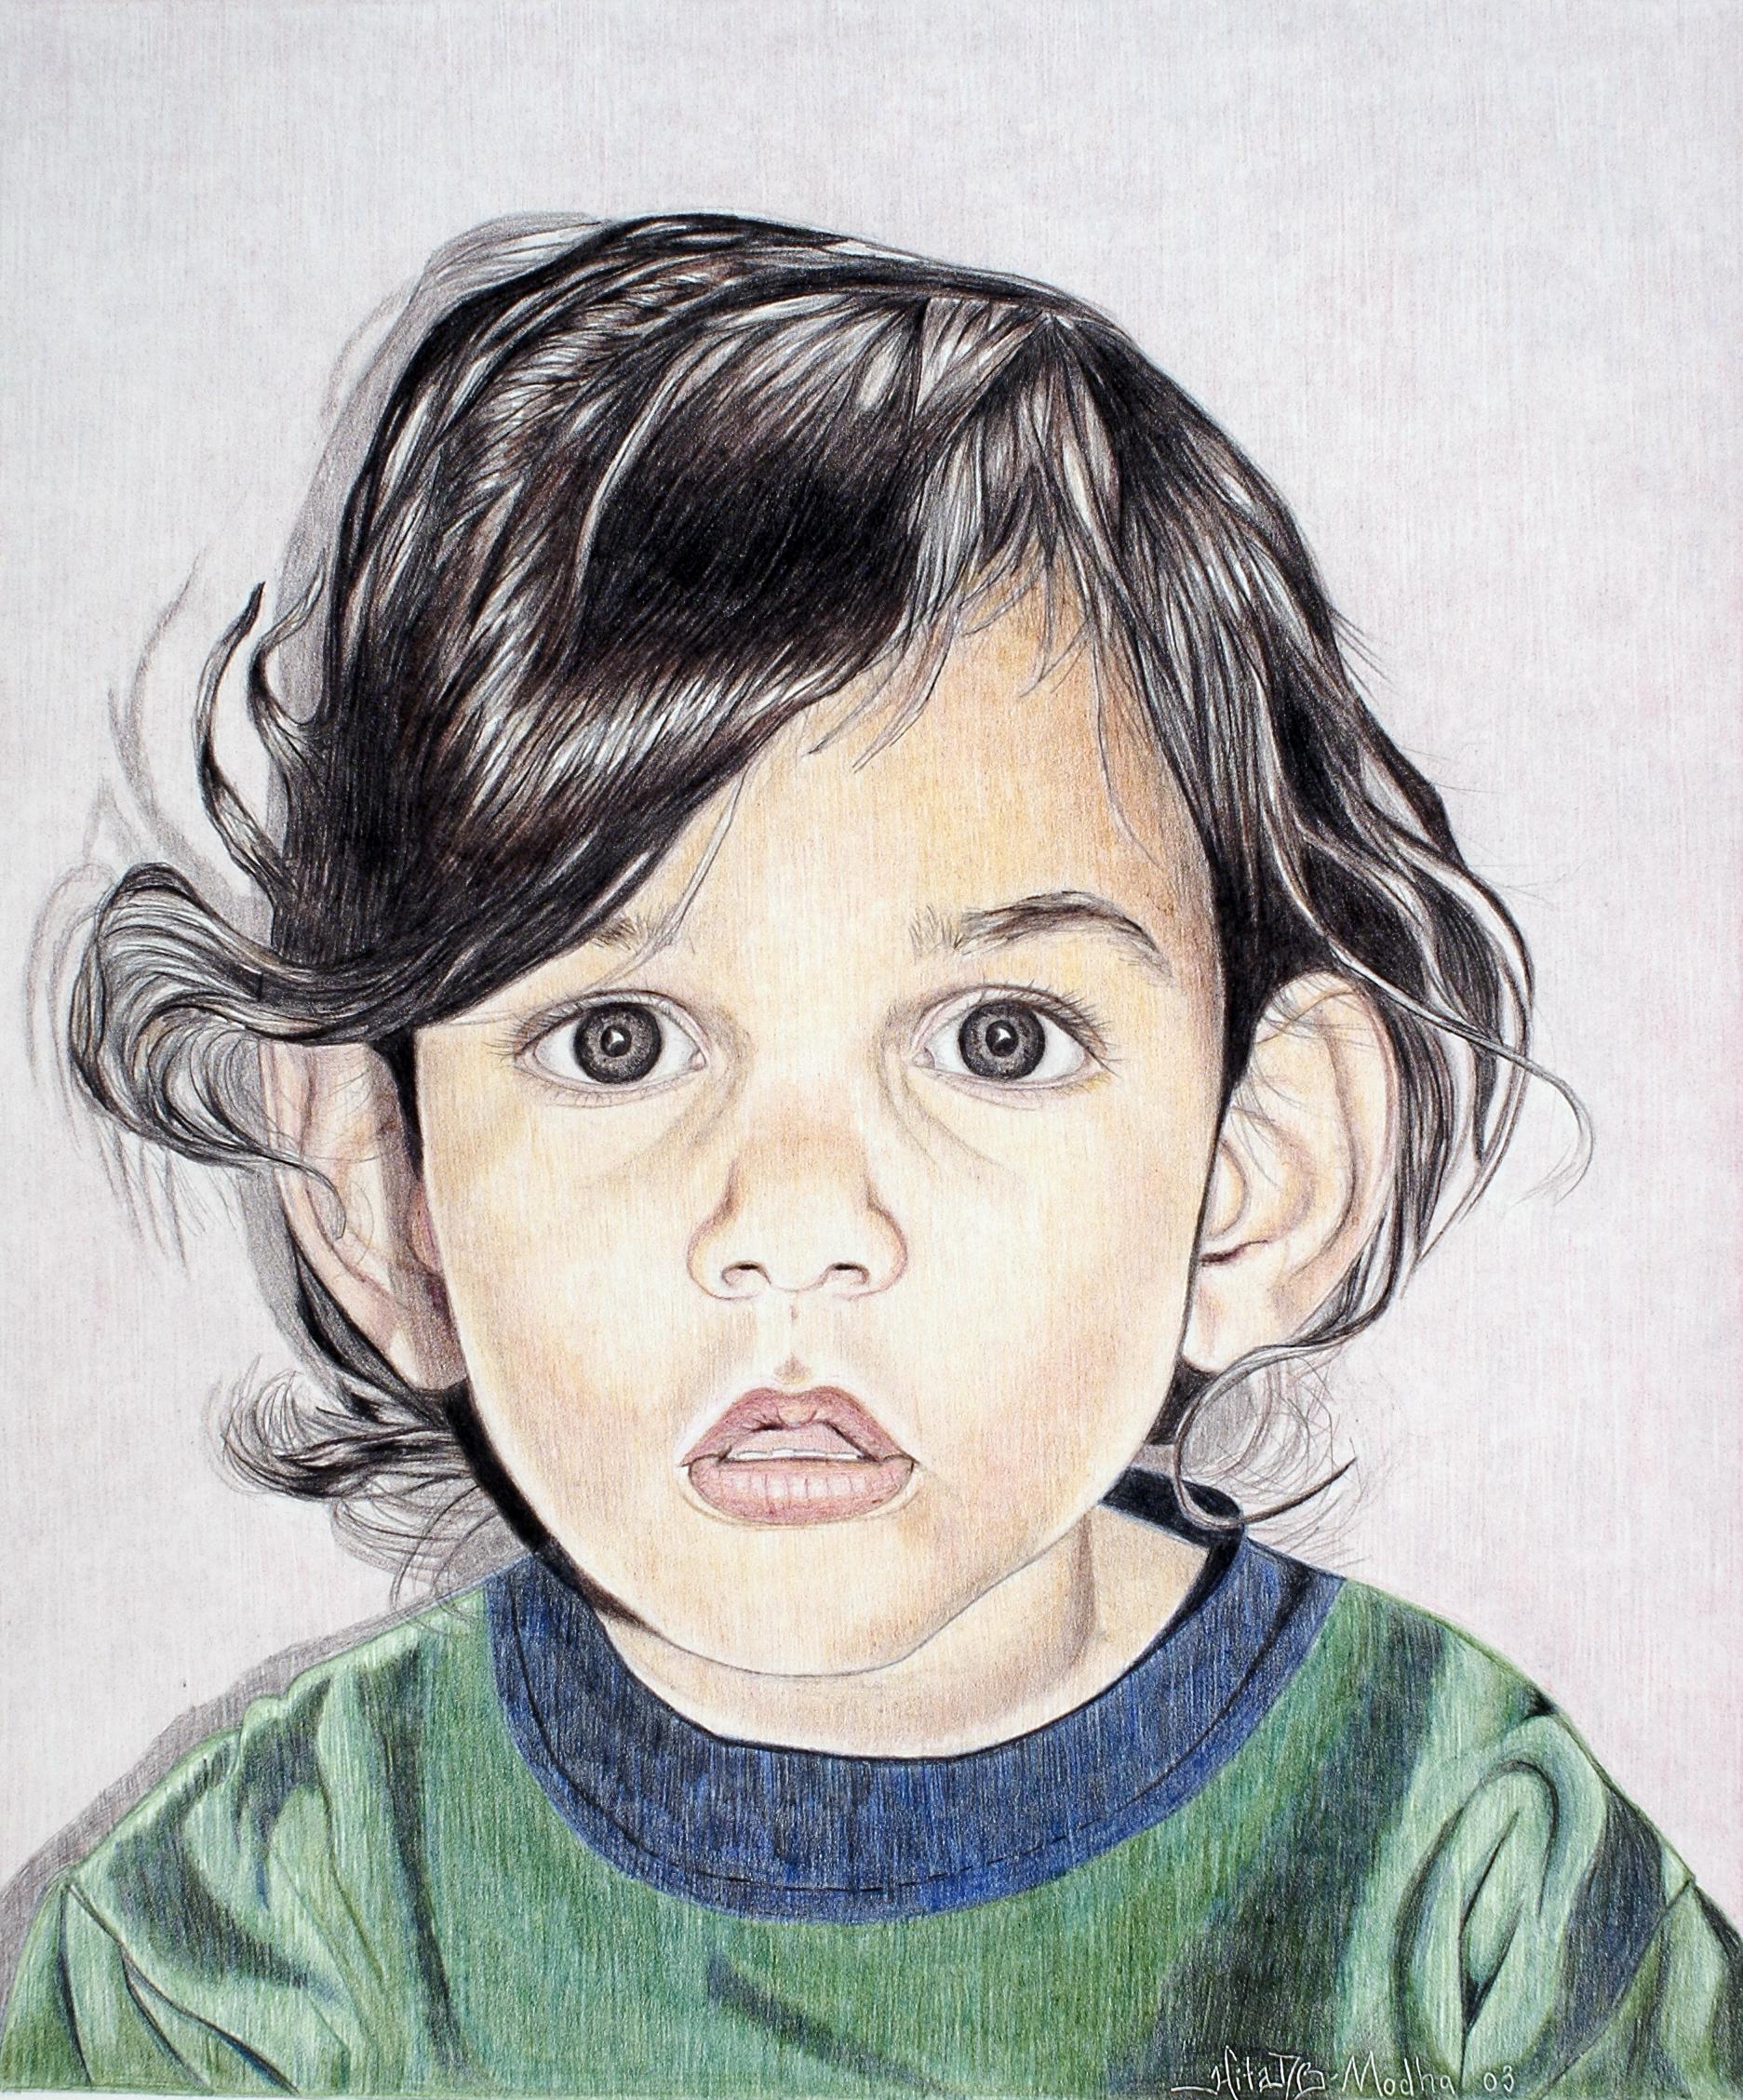 Portrait in colored pencil